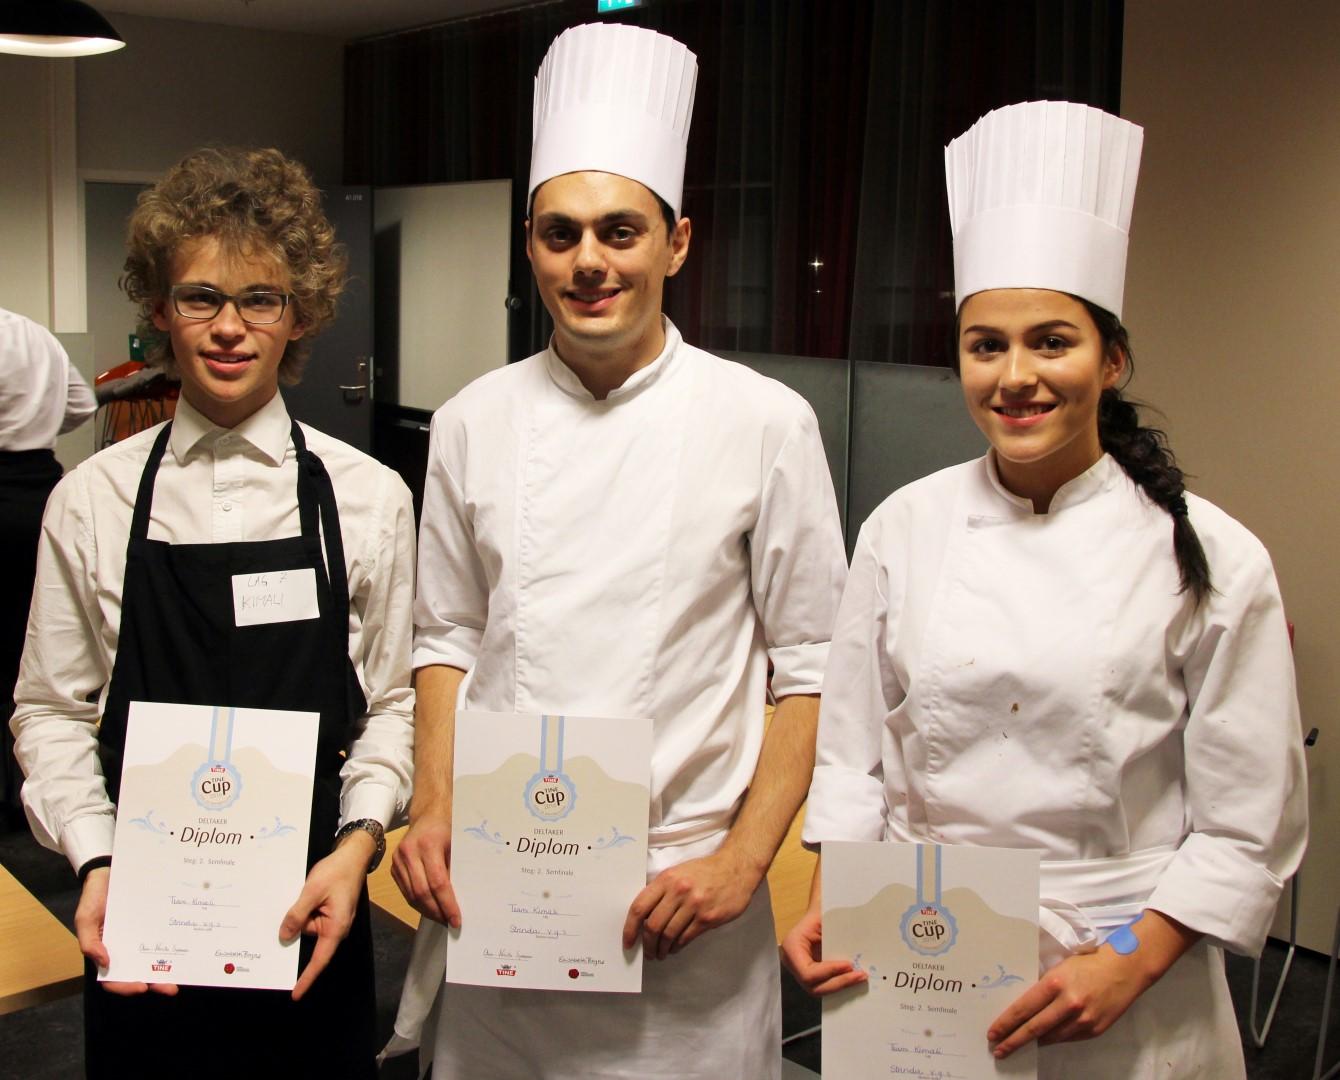 Vinner laget fra Strinda vgs. med Magne, Kim og Live, som skal konkurrere i finalen i slutten av januar 2016. Gratulerer til alle tre, dere gjorde en fenomenal innsats og gikk av med en fortjent seier.